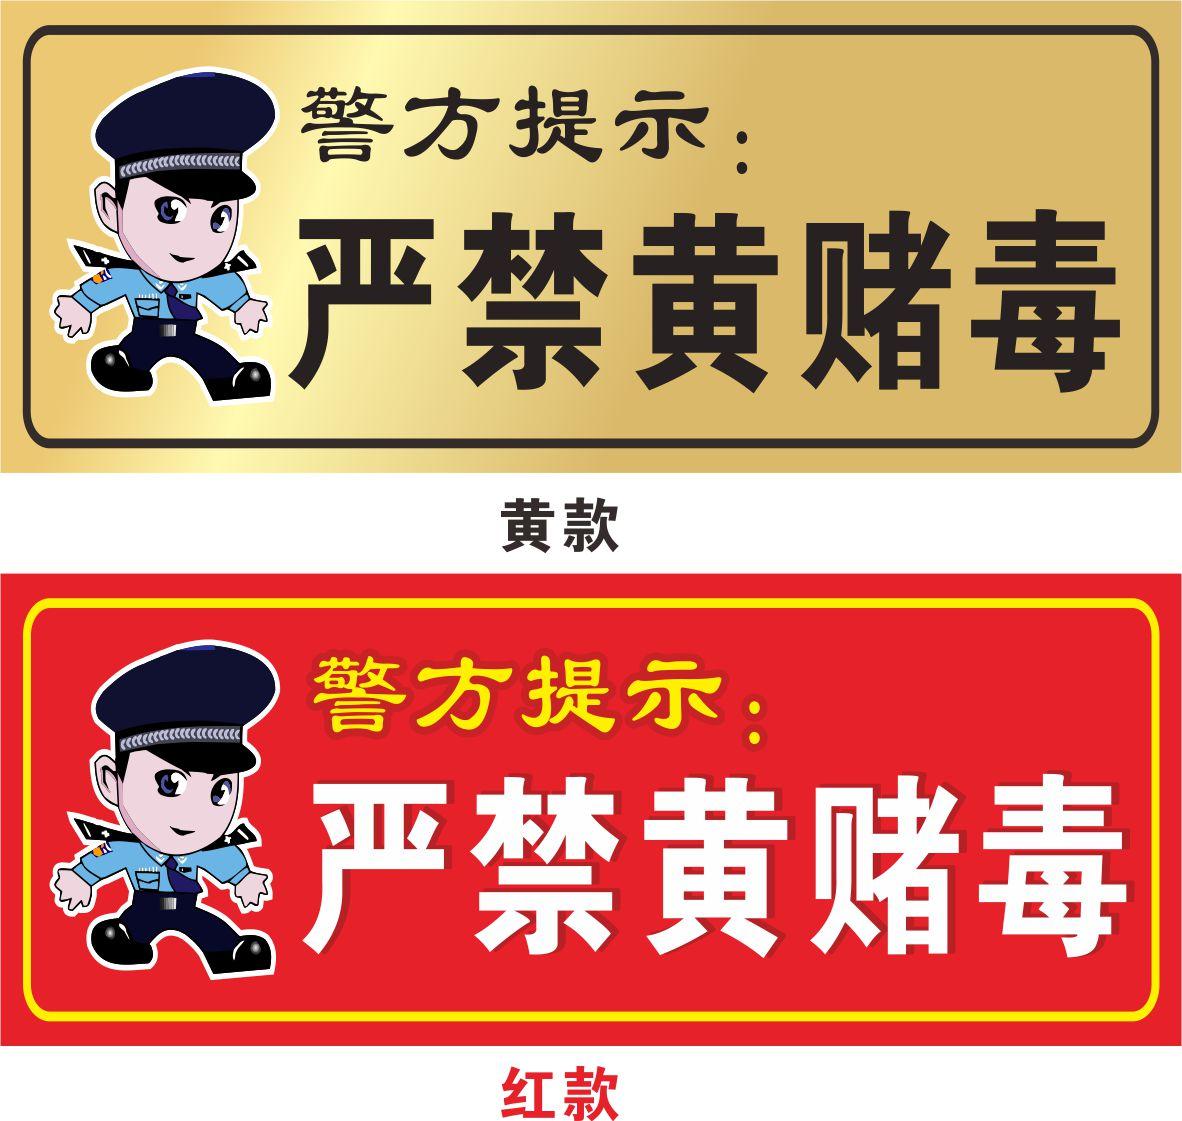 温馨提示 严禁黄赌毒标识牌 禁止黄赌毒标贴 警方提醒提示警告牌